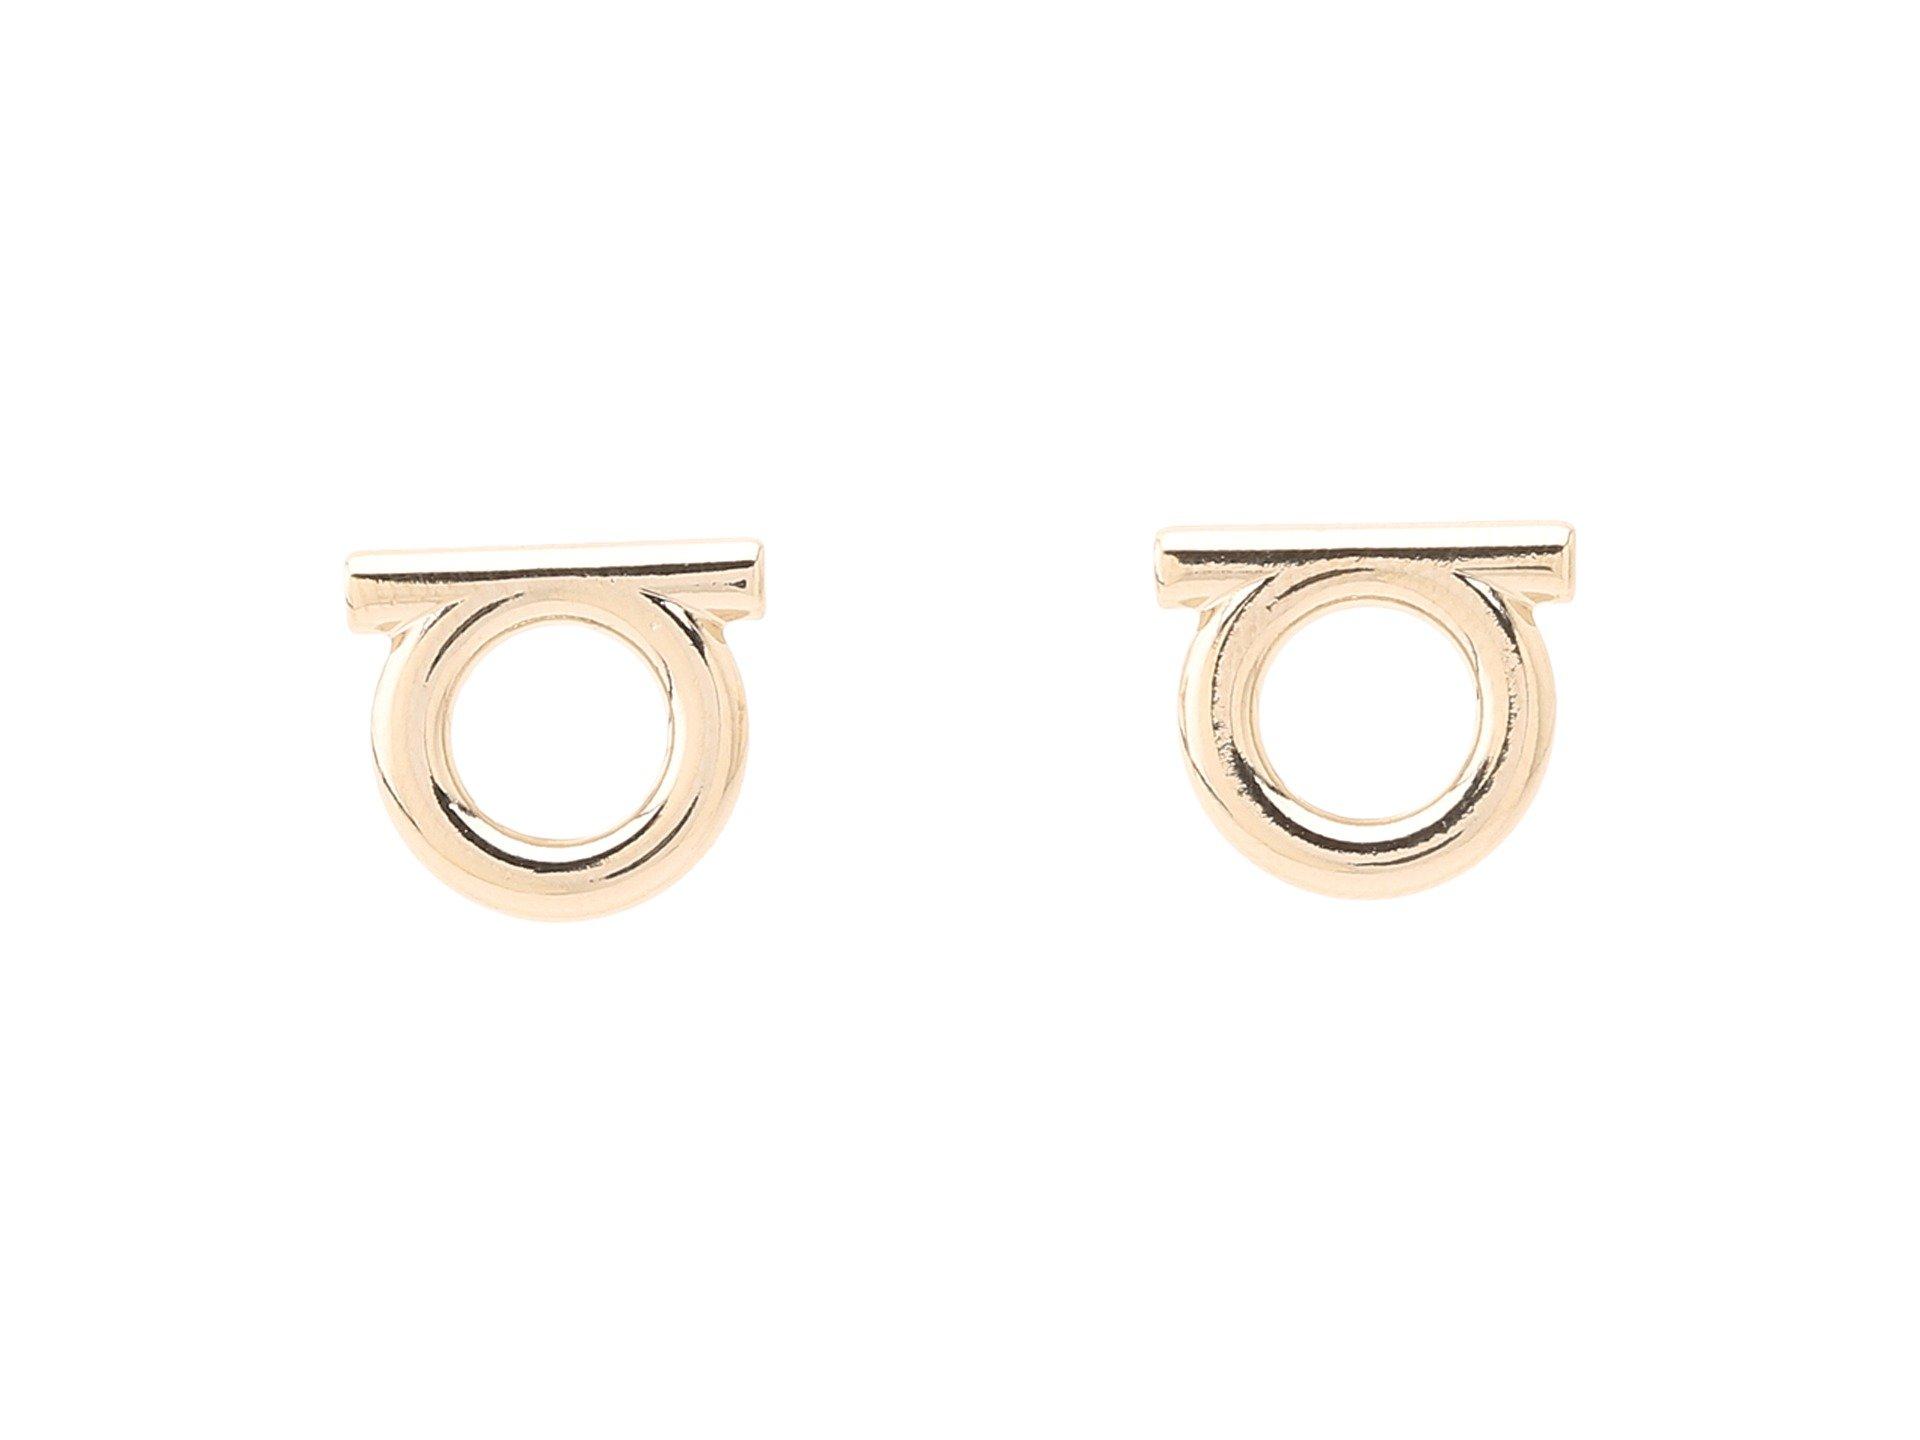 Salvatore Ferragamo Women's Brand Stud Earrings Oro Ch. One Size